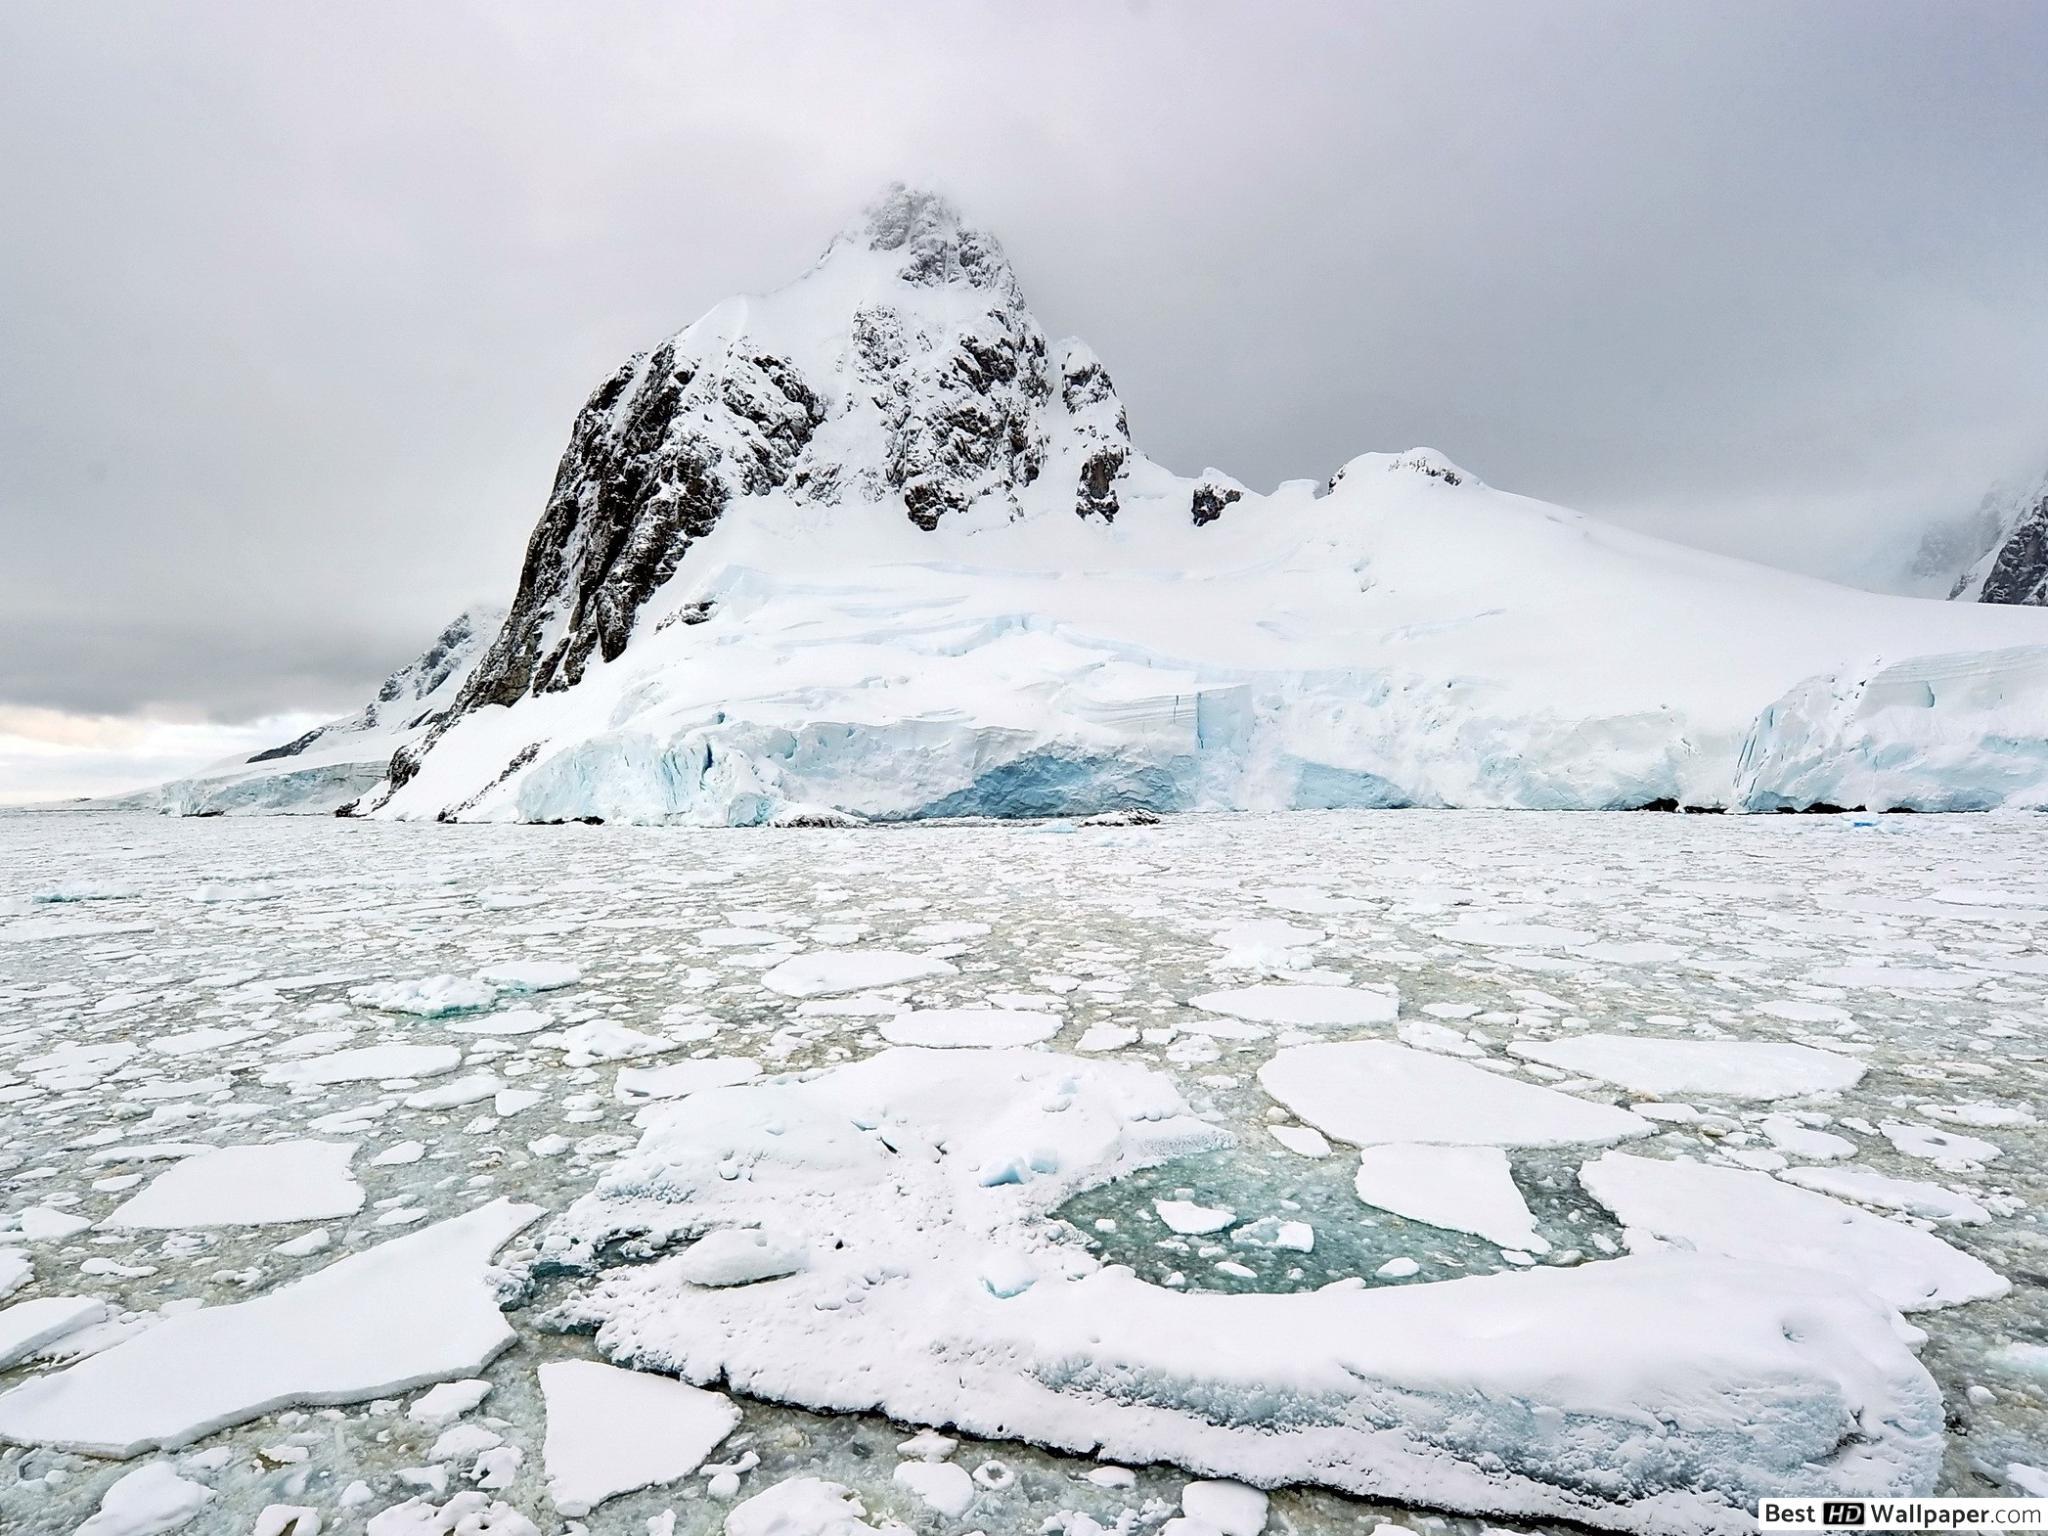 L'Artico: un ecosistema delicato che potrebbe sconvolgere il clima atlantico